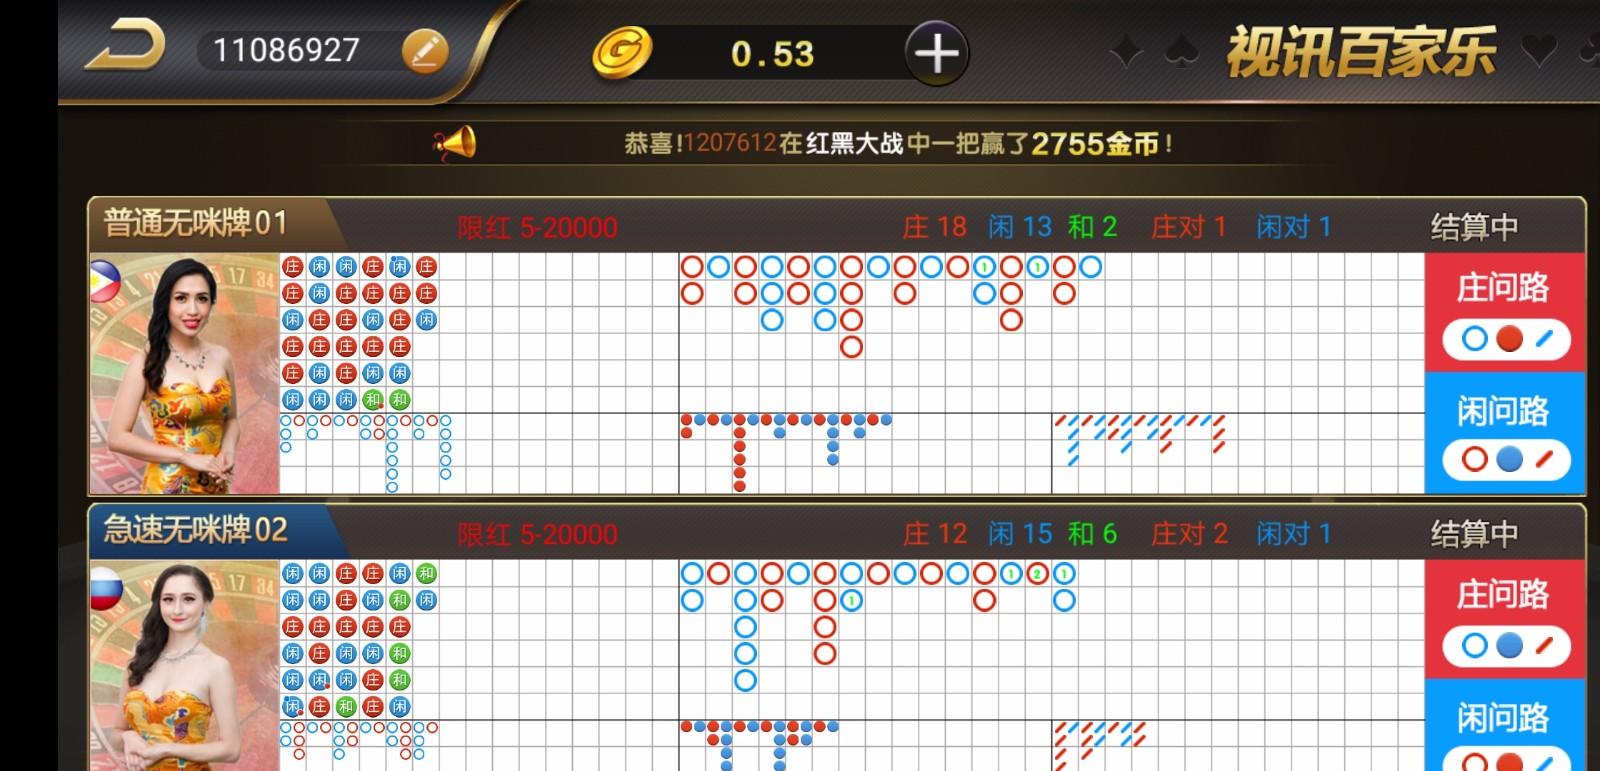 真钱1:1 微星棋牌娱乐 23个子游戏插图(41)